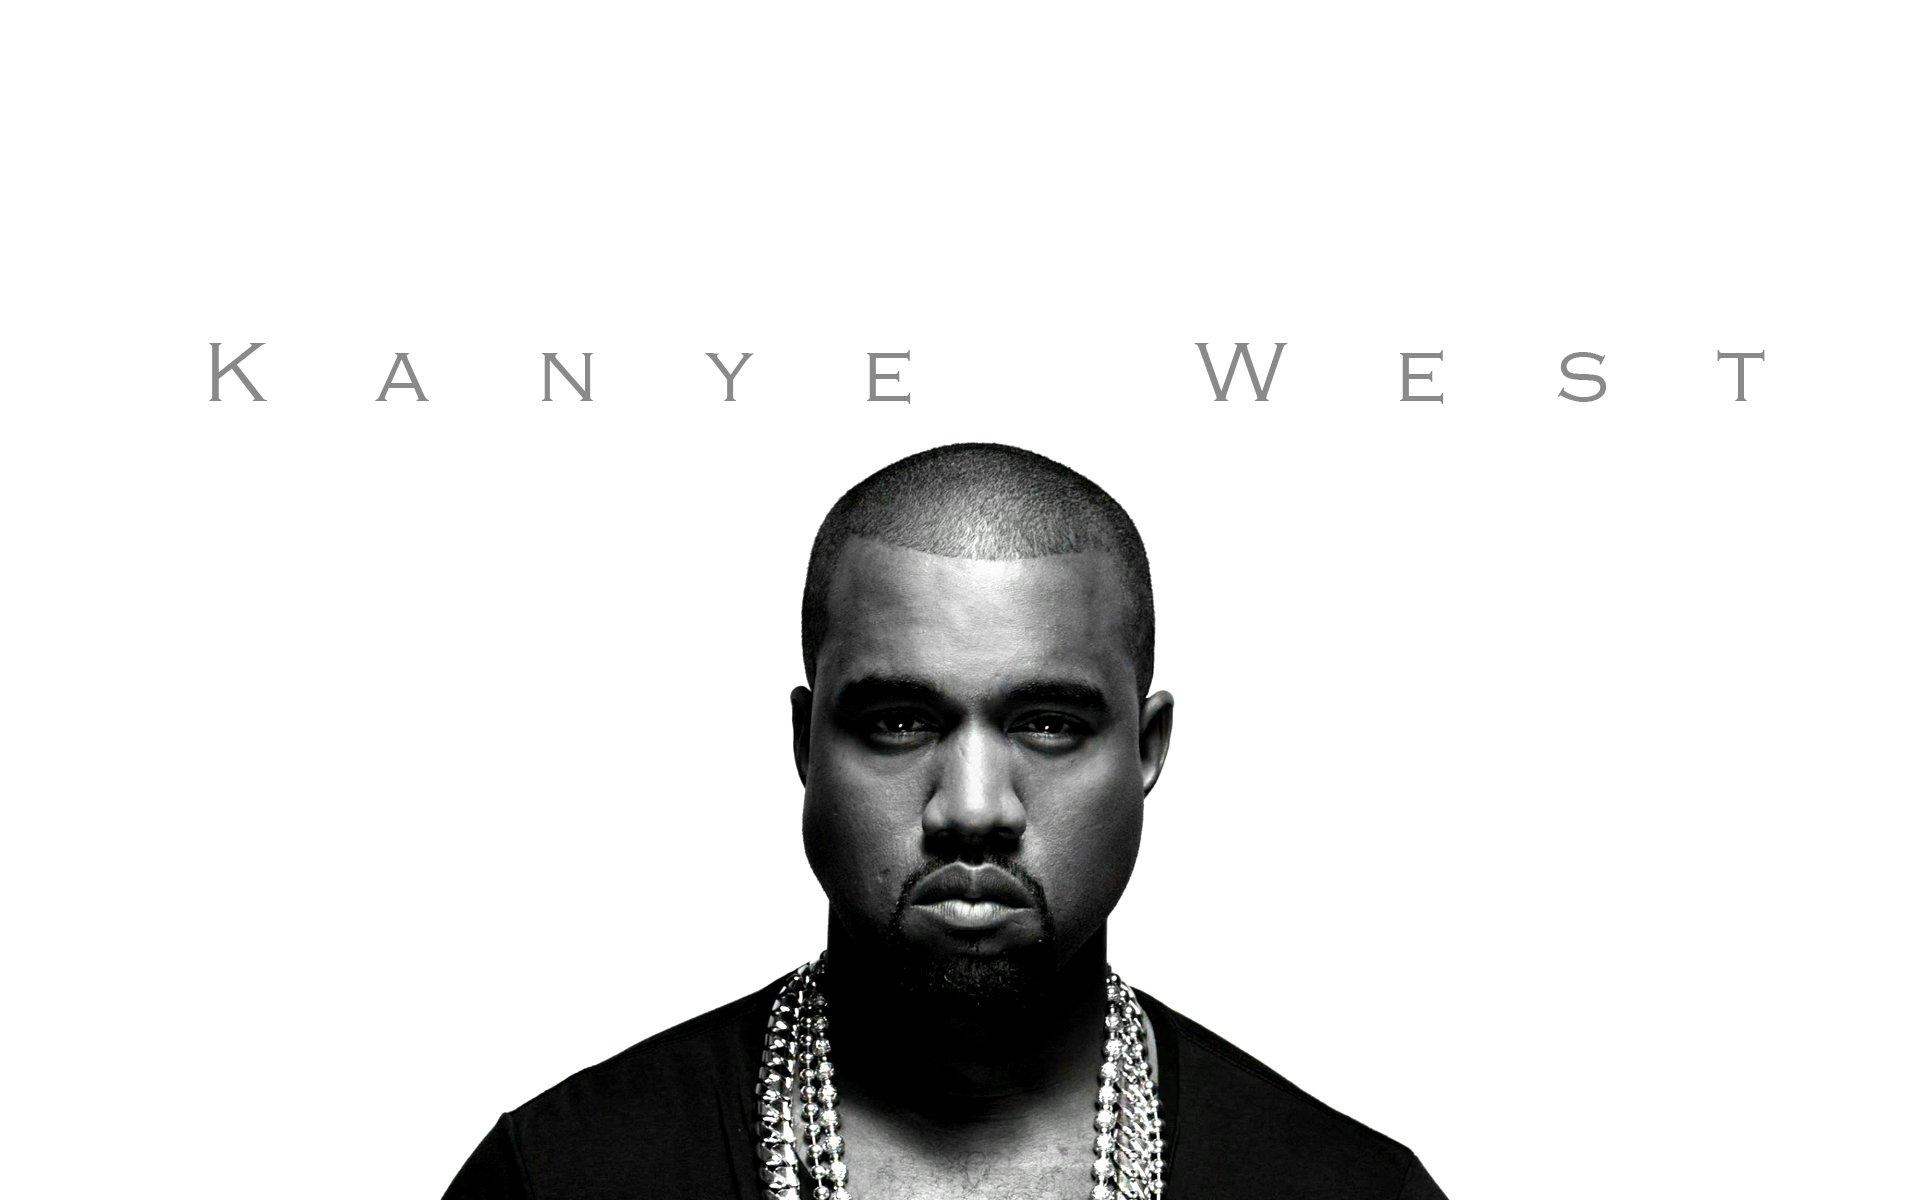 Image Result For Kanye West Screensaver Hd Wallpaper